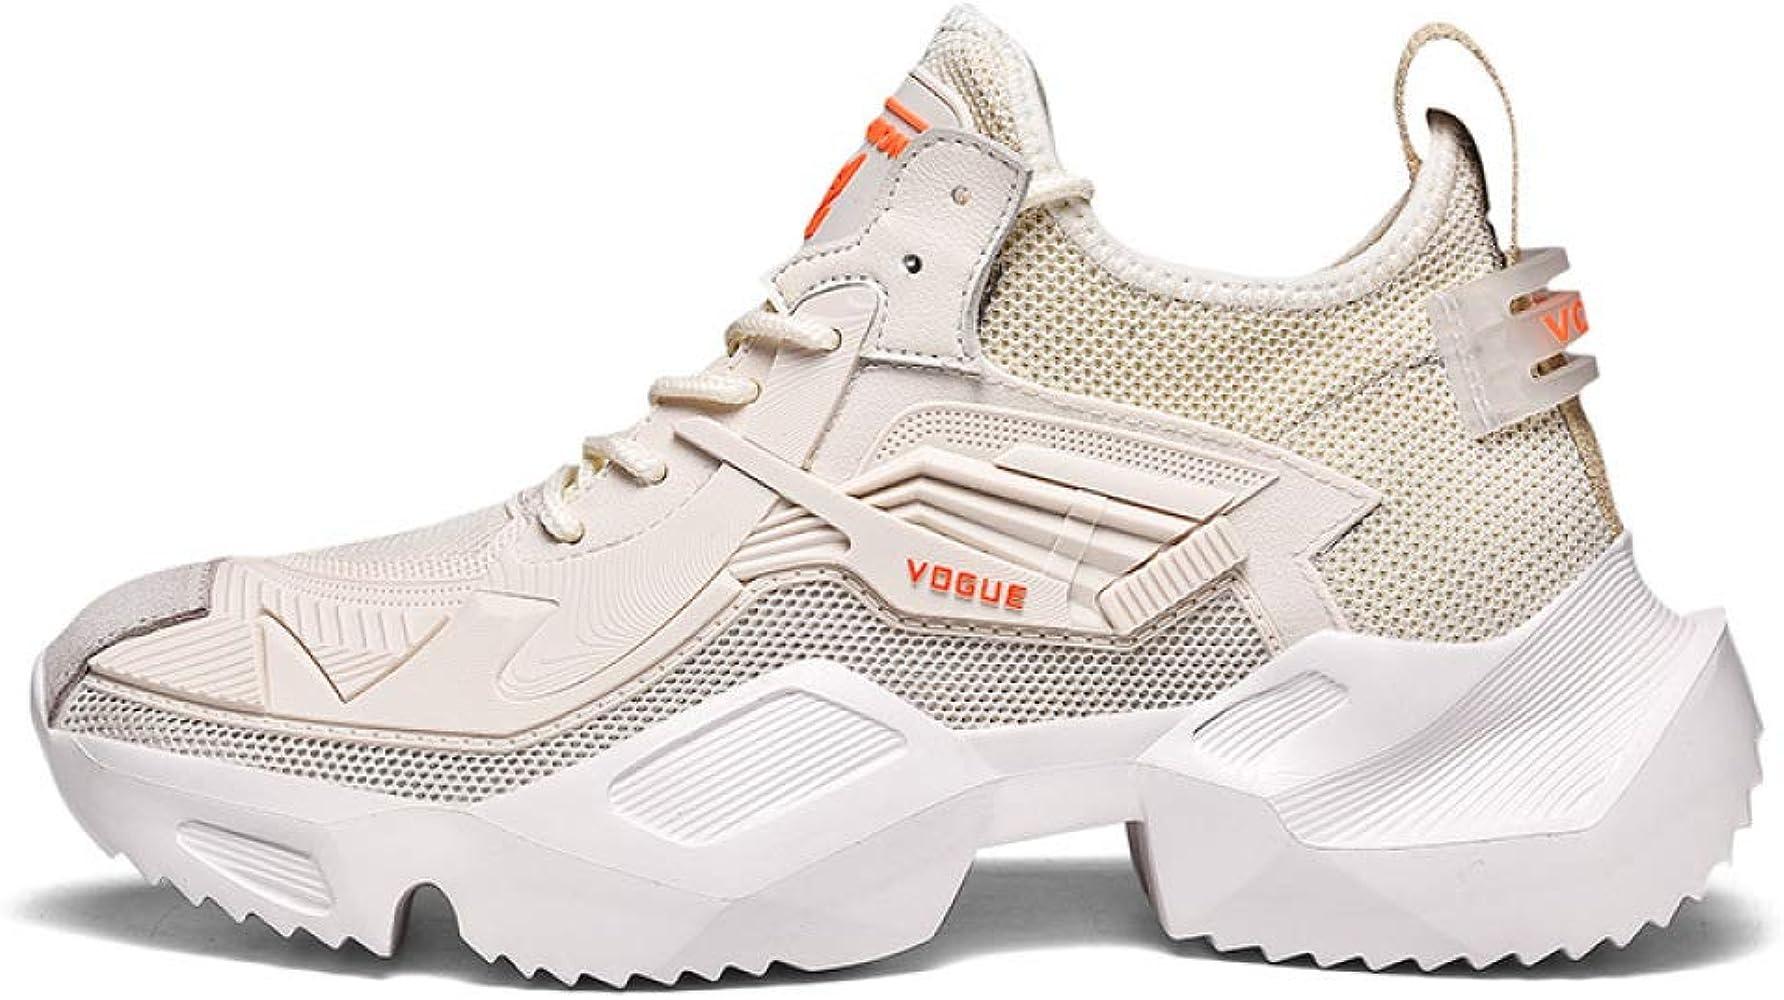 Zapatillas de Running Casual de Hombre de Moda para Hombre, Zapatos de Correr para Estudiantes de Grandes Dimensiones Size: 48 EU: Amazon.es: Zapatos y complementos